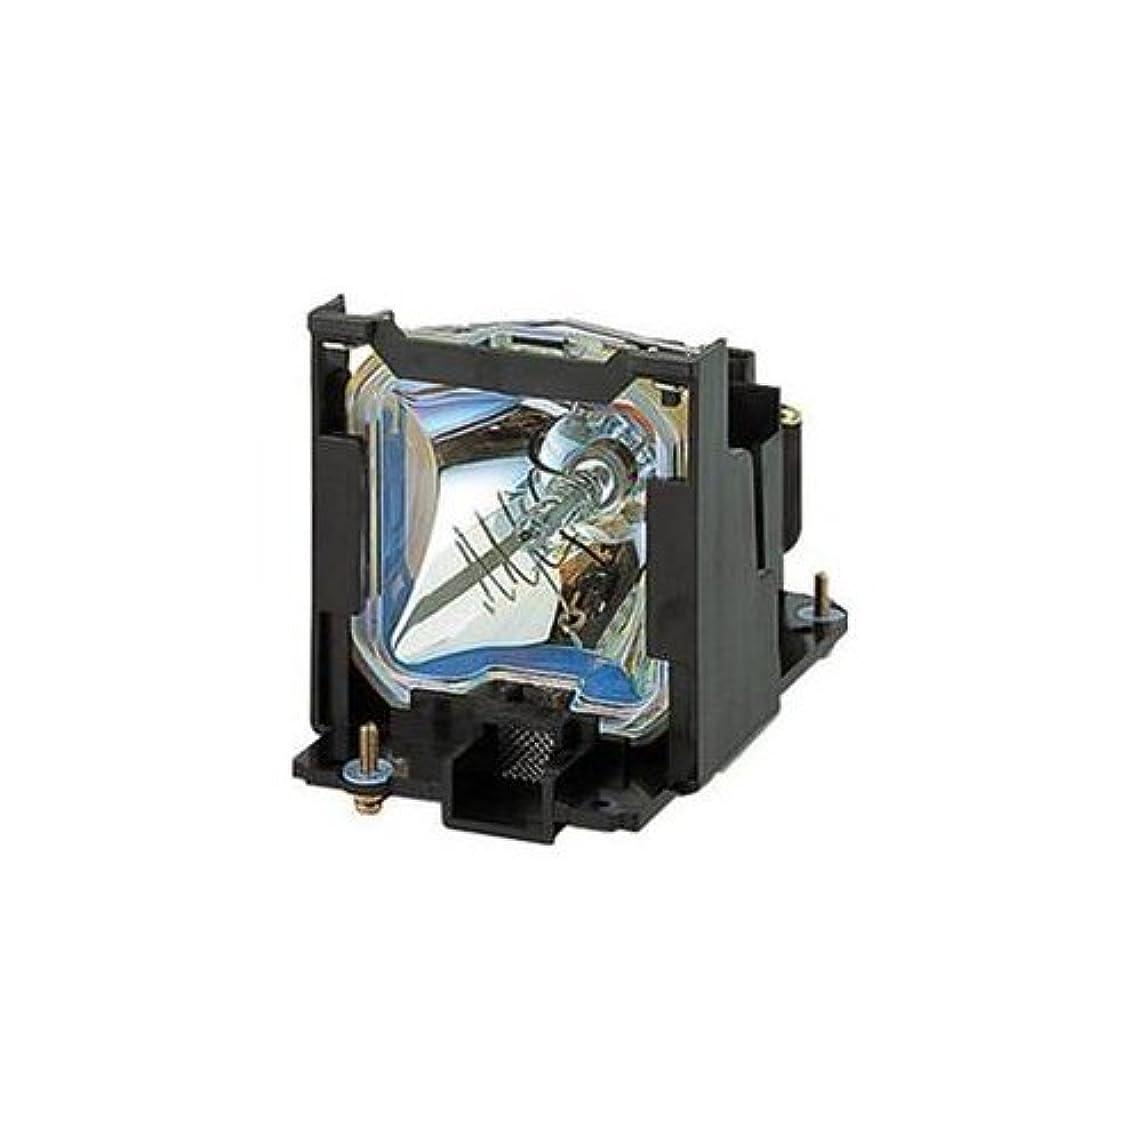 匹敵しますタイマー検体ET-LAE500 CRL パナソニック用汎用ランプユニット 対応機種:TH-AE500用